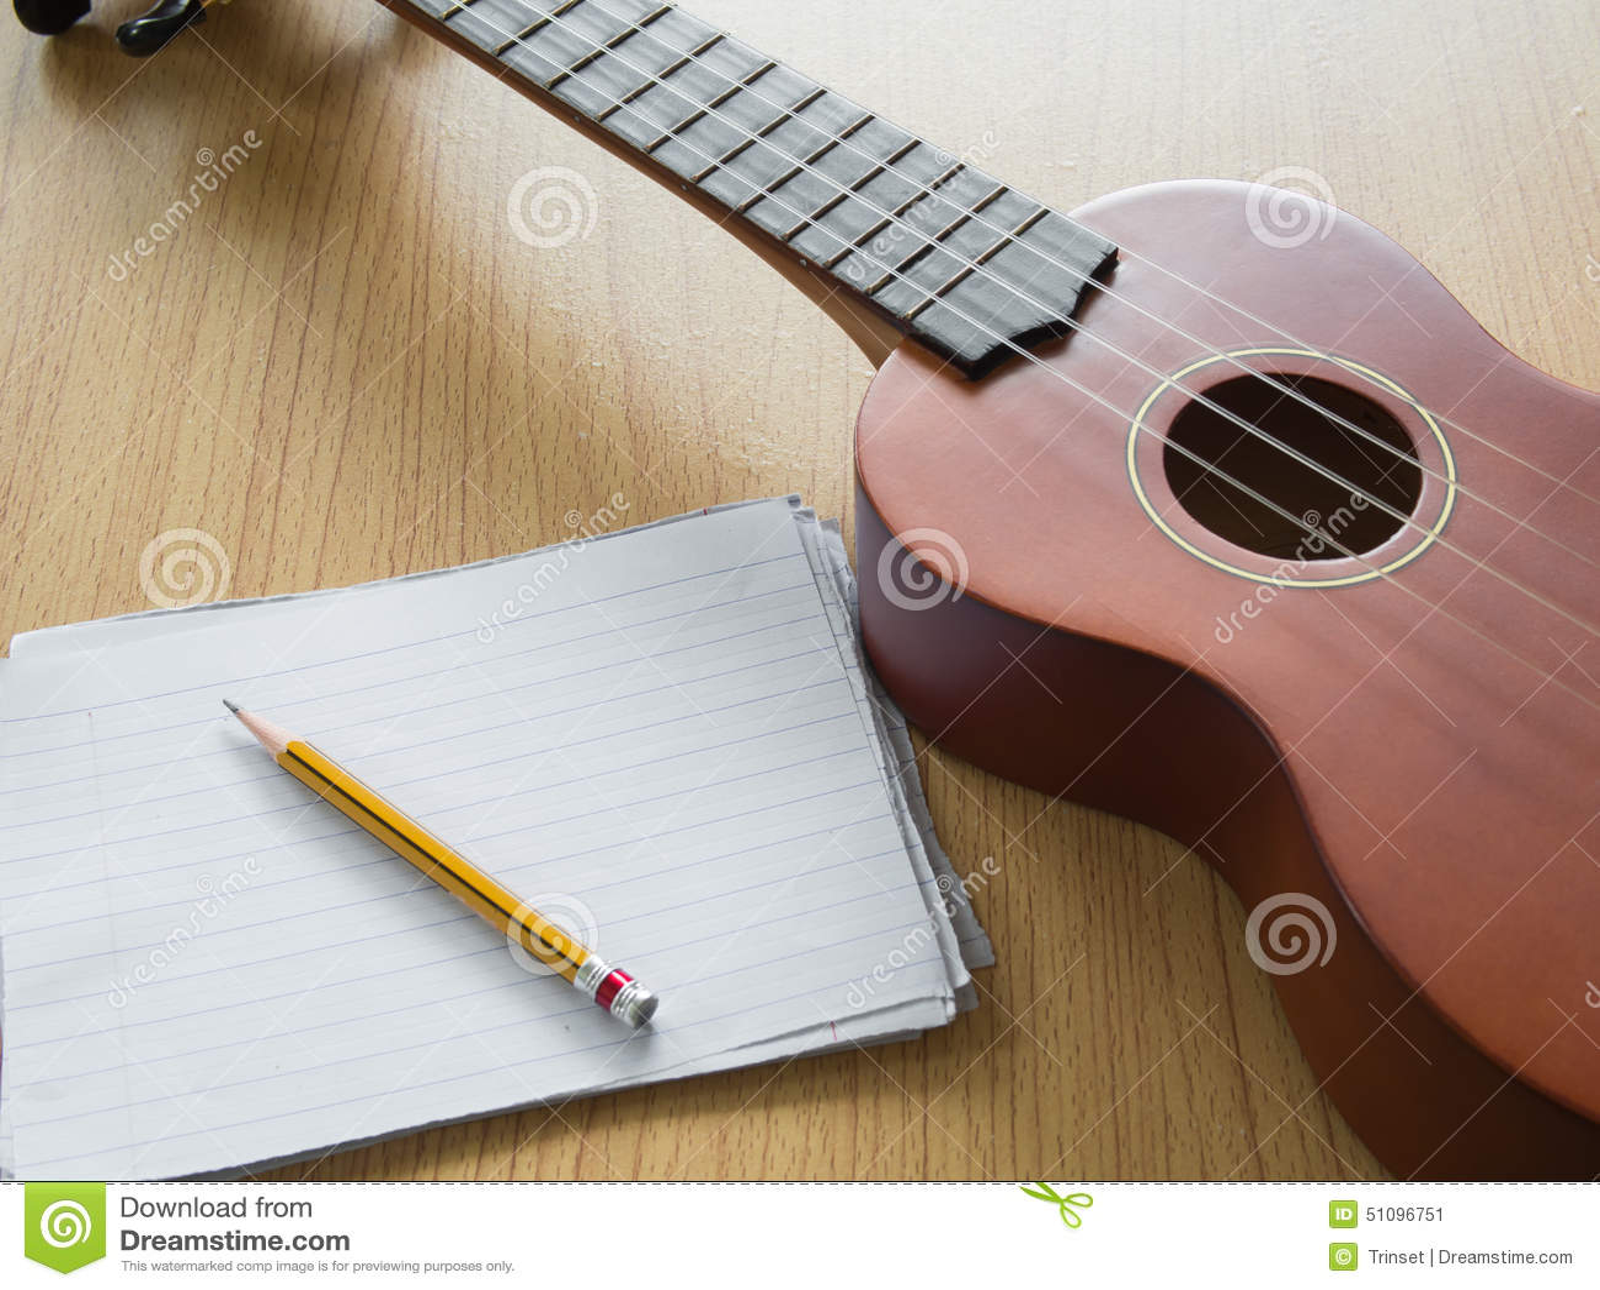 Essay writers for hire ukulele - creative writing cambridge